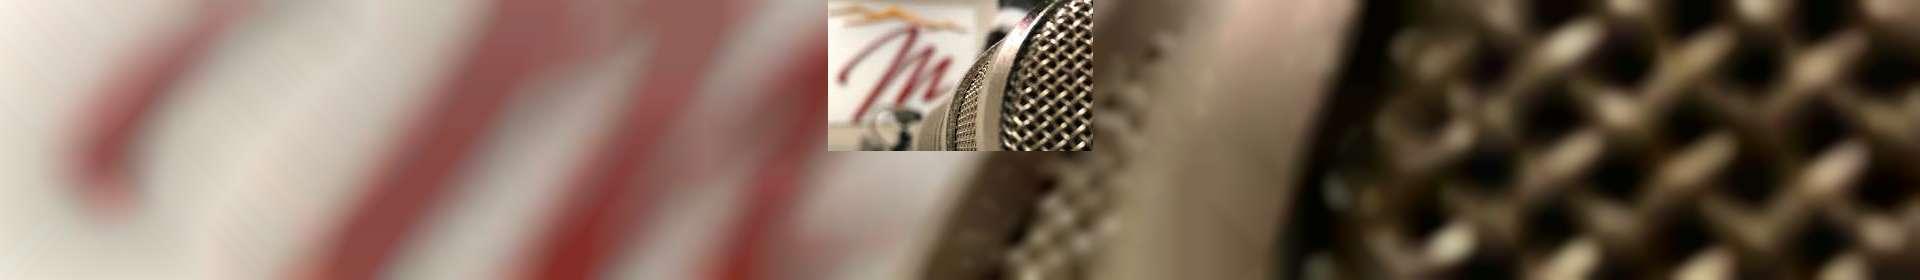 Entrevistas Rádio Maanaim: sobre o coronavírus